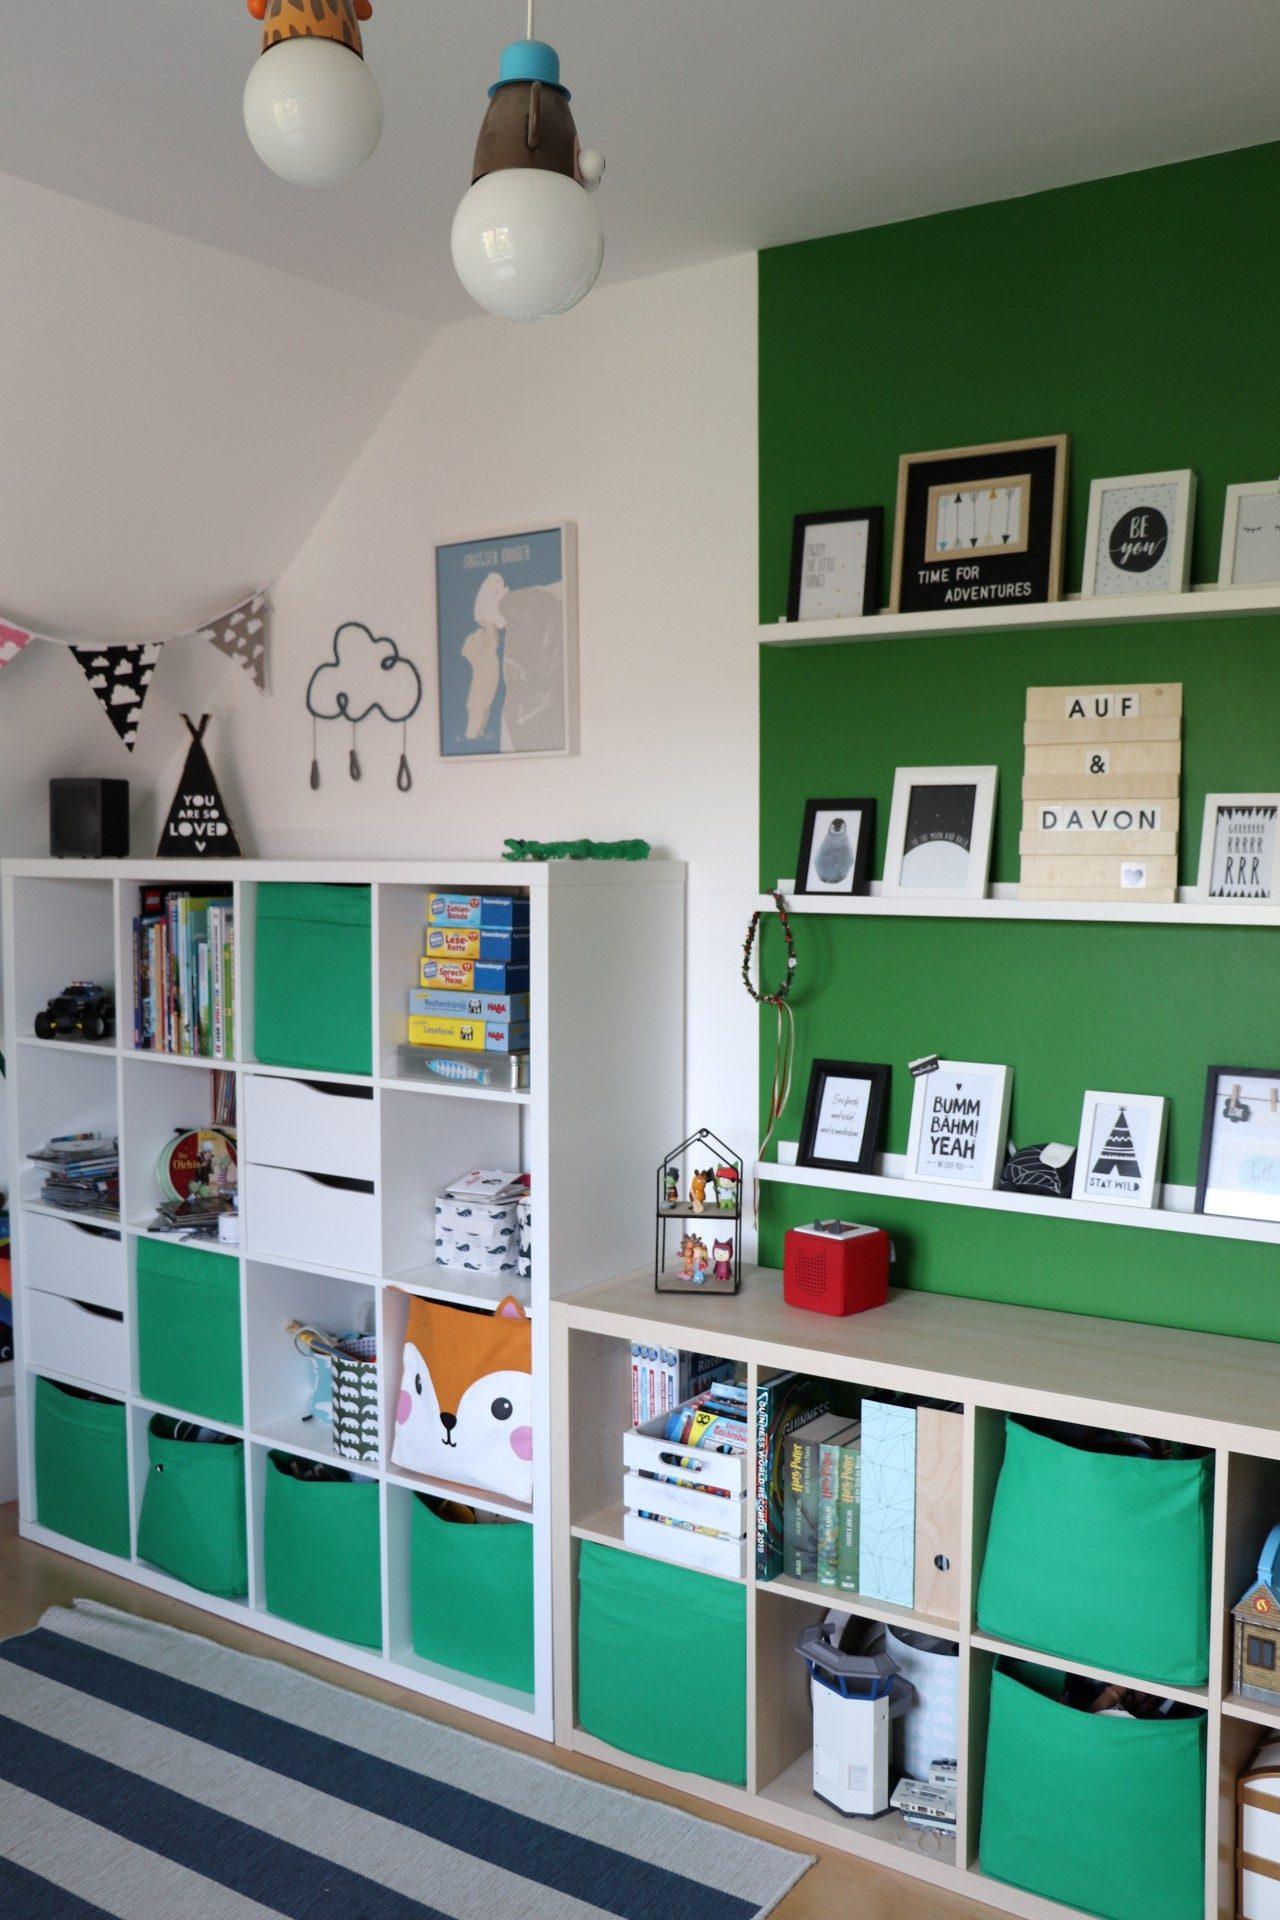 Full Size of Wandgestaltung Kinderzimmer Jungen Einrichten Junge 9 Jahre 3 8 Dekorieren 4 Deko Regal Regale Weiß Sofa Wohnzimmer Wandgestaltung Kinderzimmer Jungen